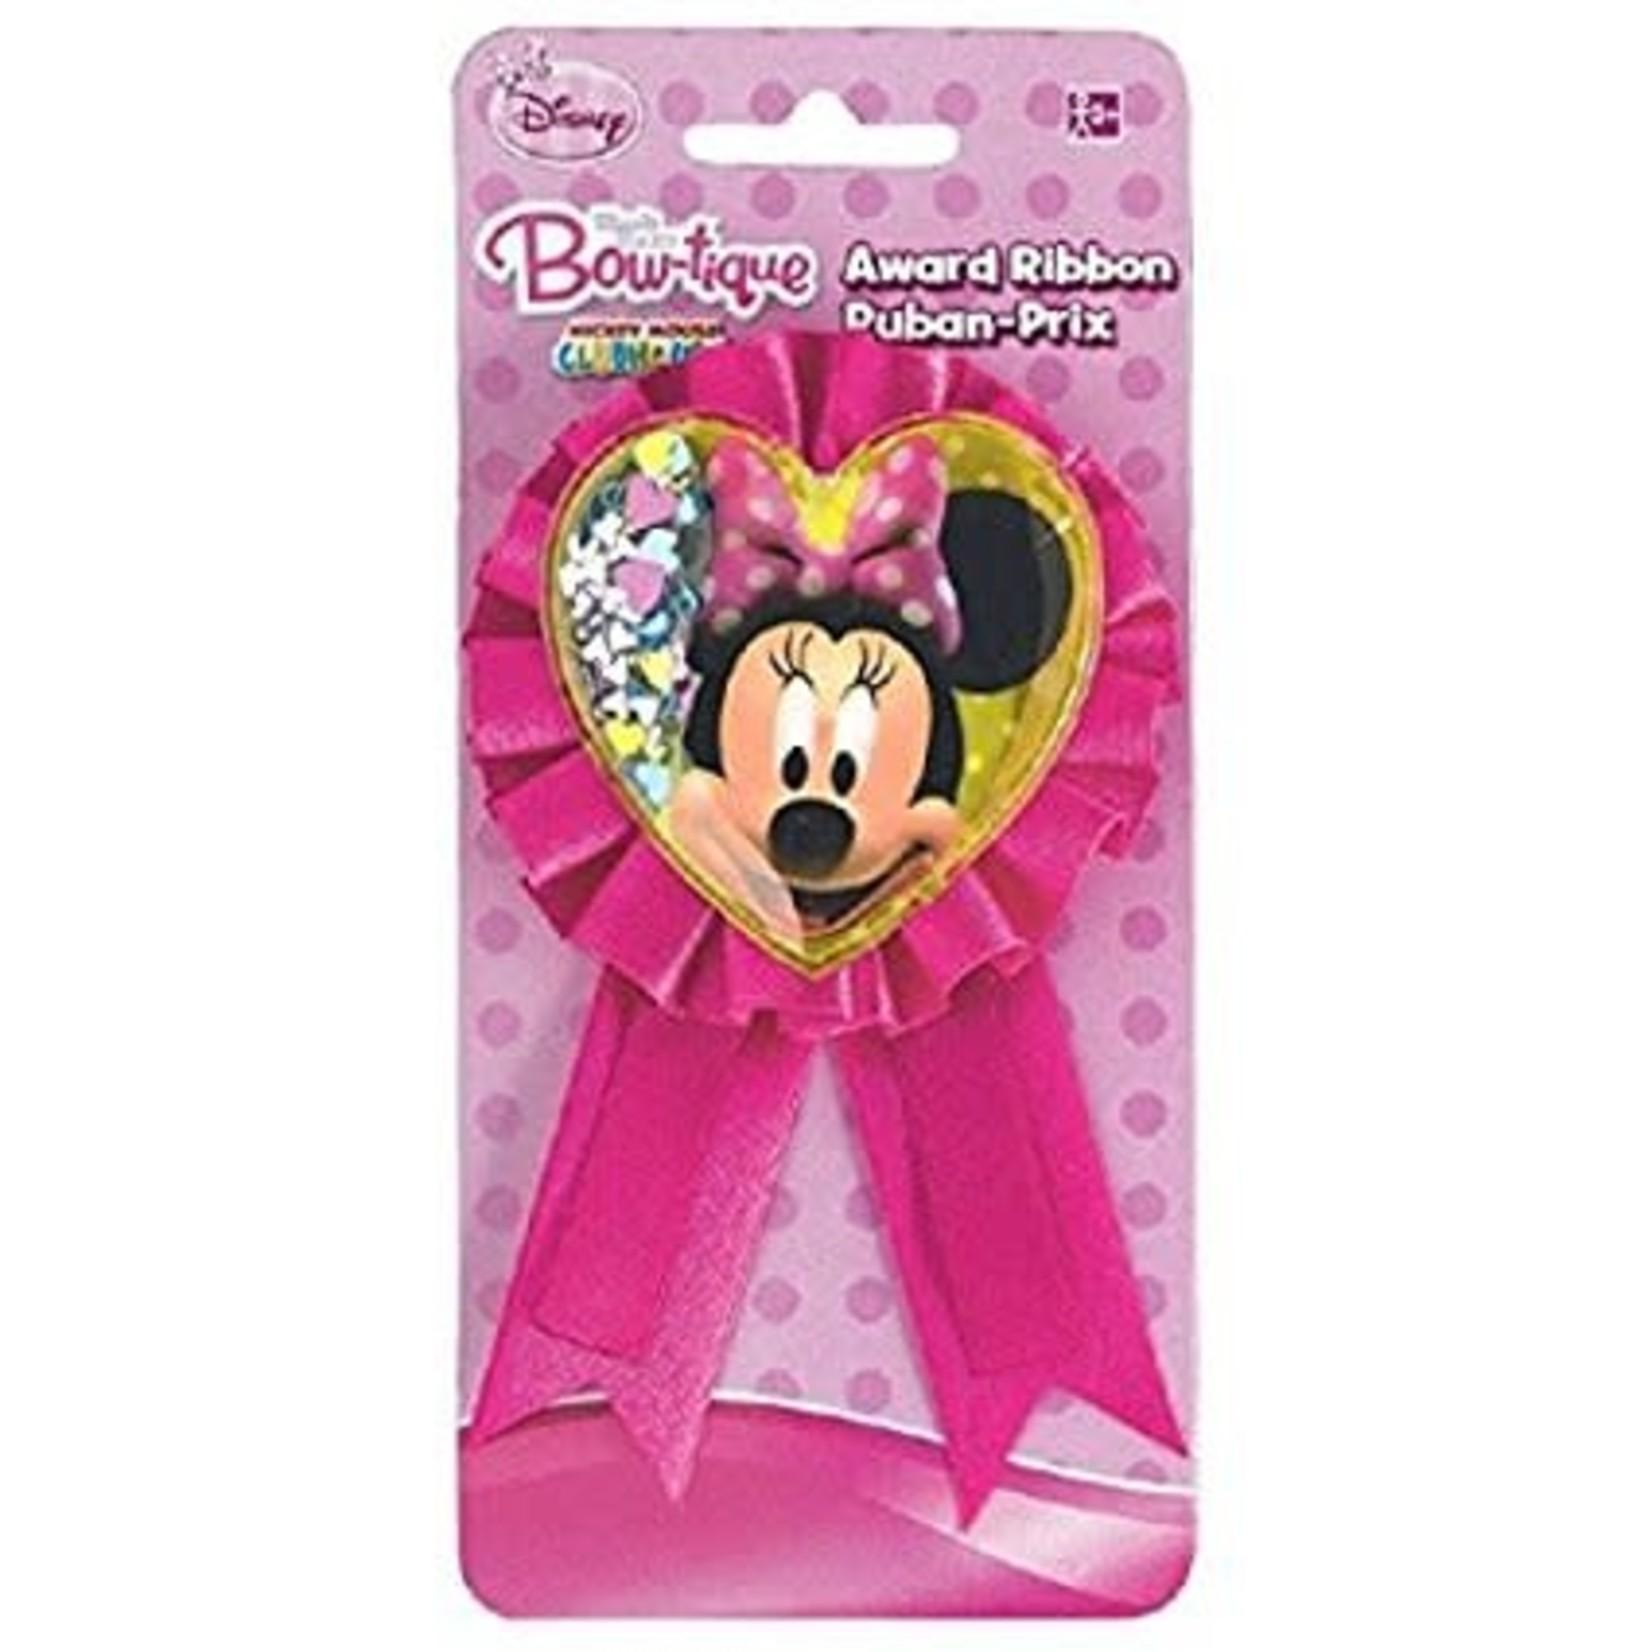 Award Ribbon-Minnie Boutique w/Confetti